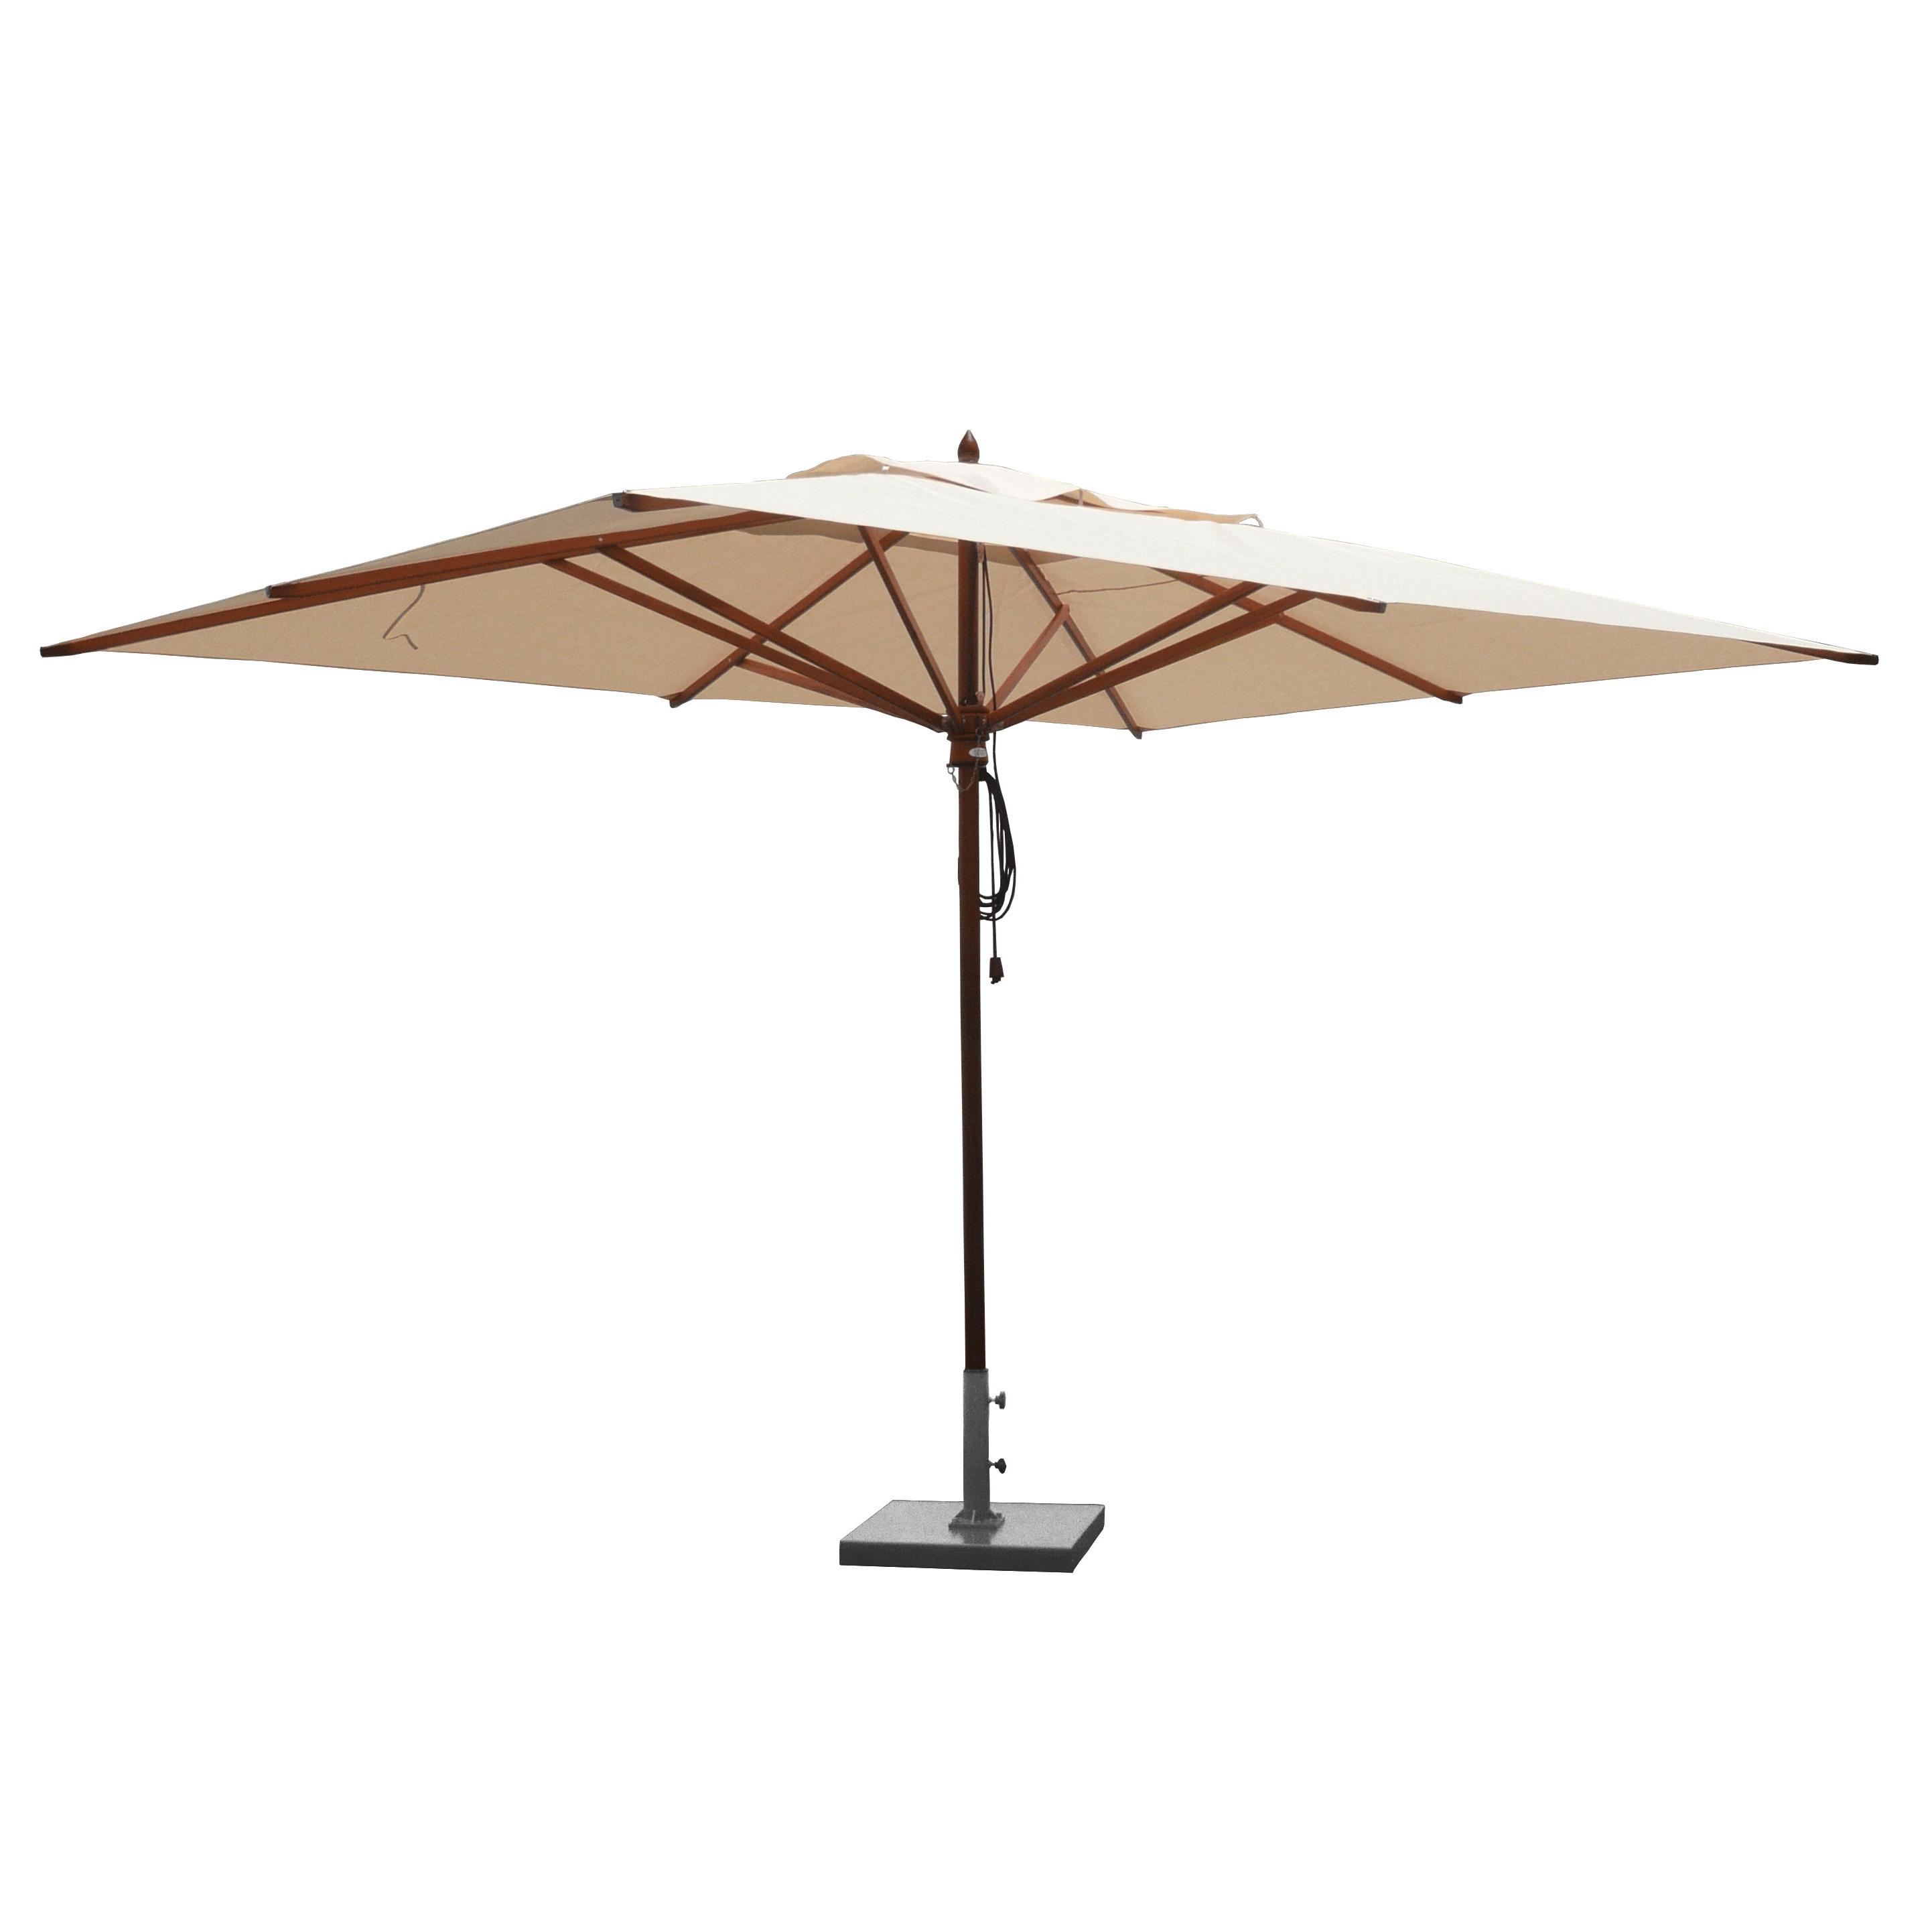 Gries Rectangular Market Umbrellas Pertaining To 2020 Sherbourne 10' X 13' Rectangular Market Umbrella (Gallery 7 of 20)